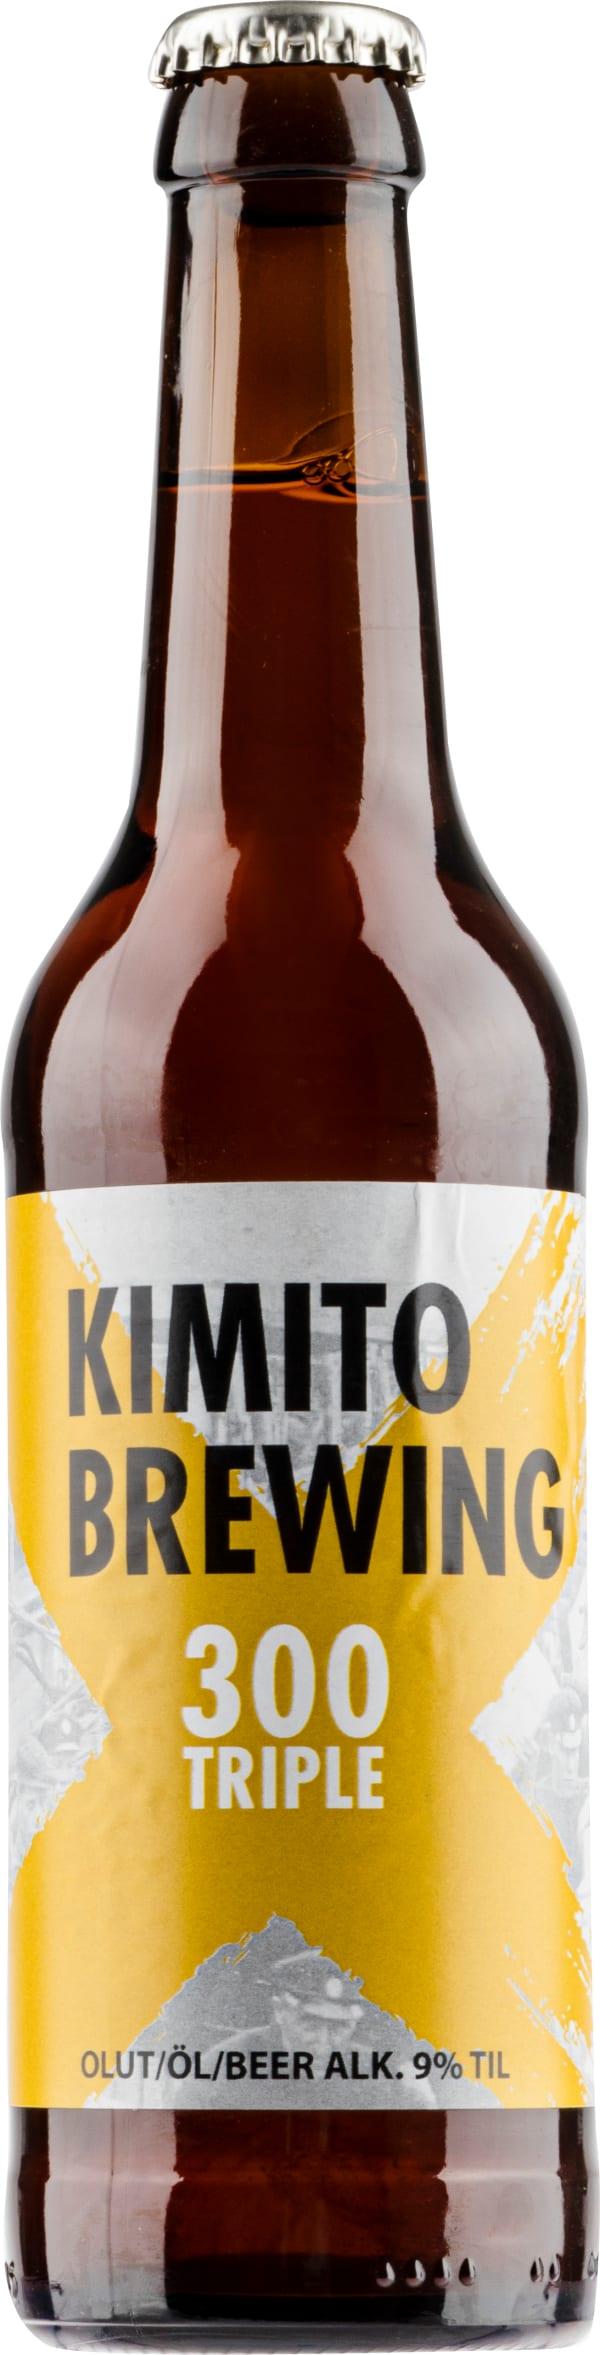 Kimito 300 Triple